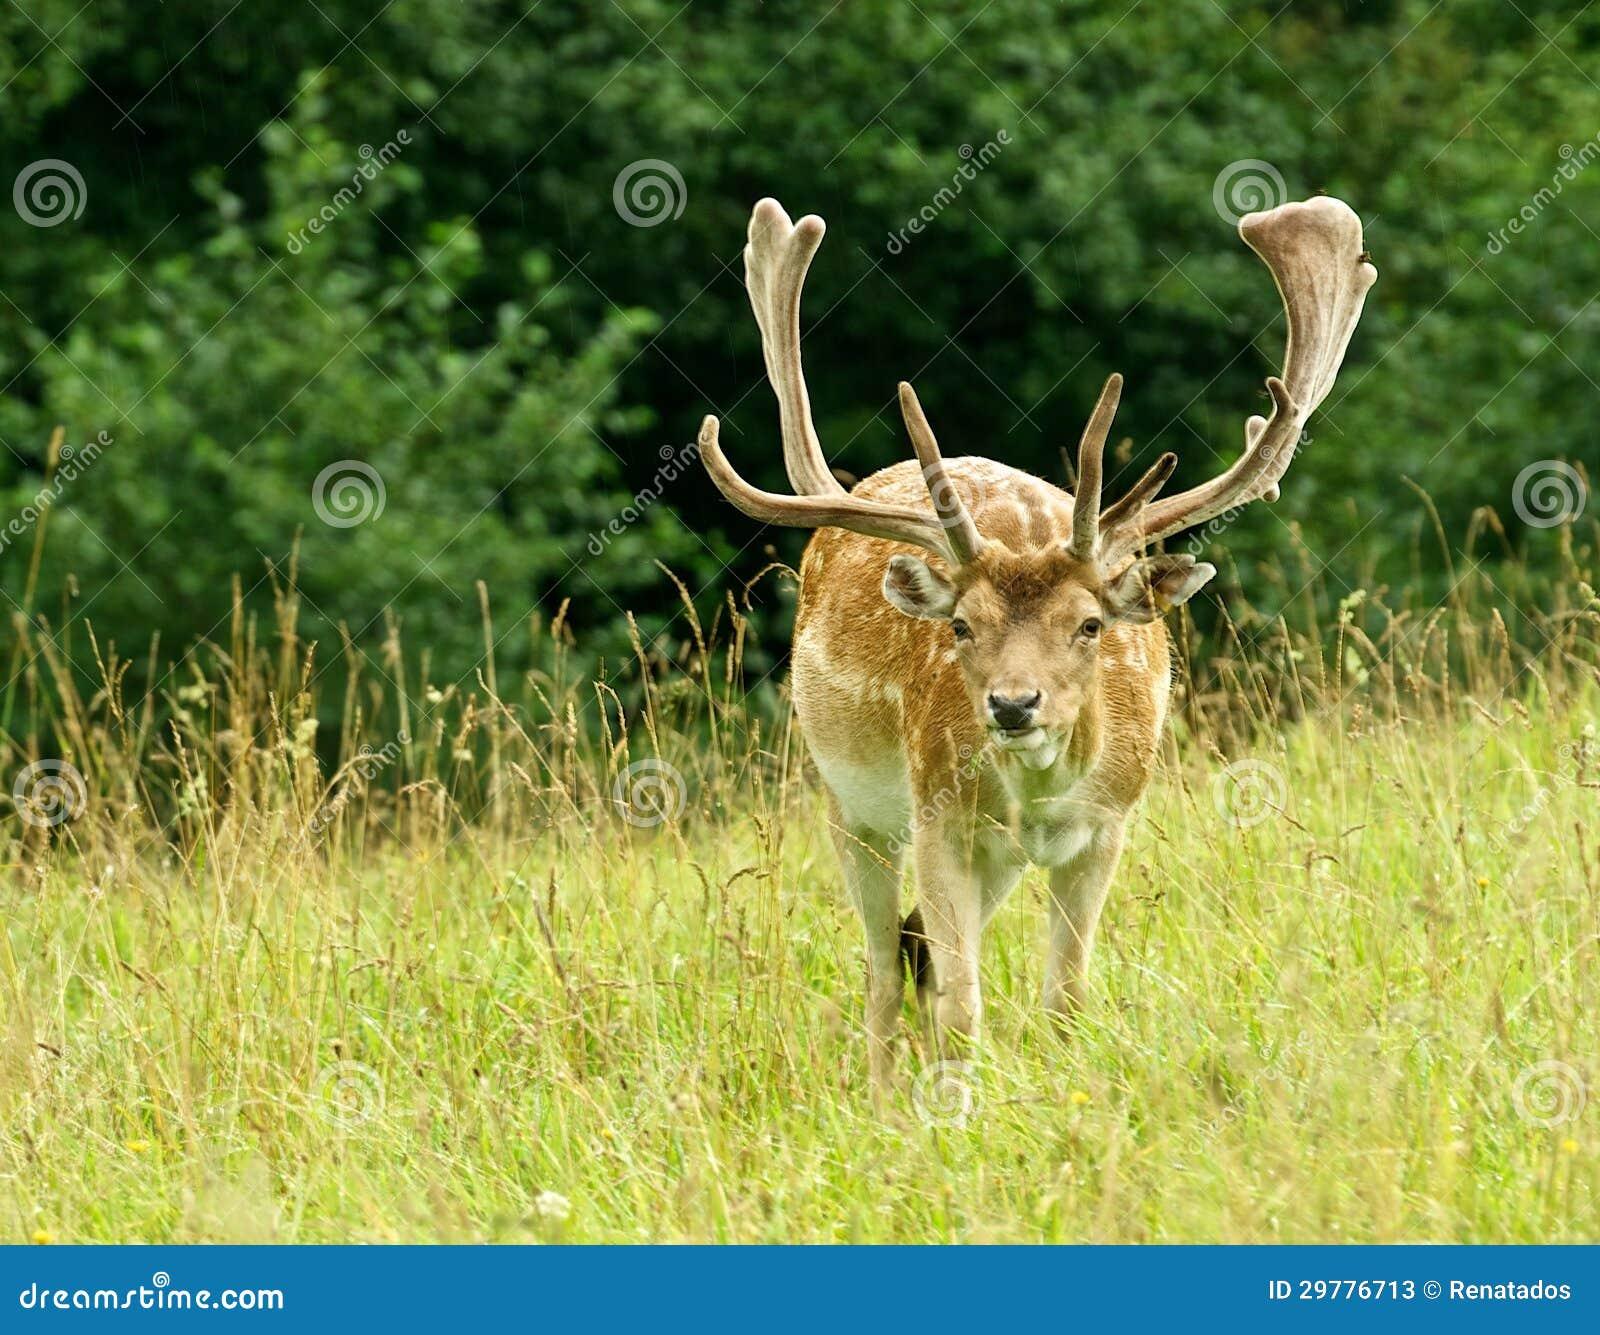 Färgrika stora träda-hjortar med stora horns, manlig i ett gräs sätter in, tätt upp, doen, trevligt wild djur i grön bakgrund, nat